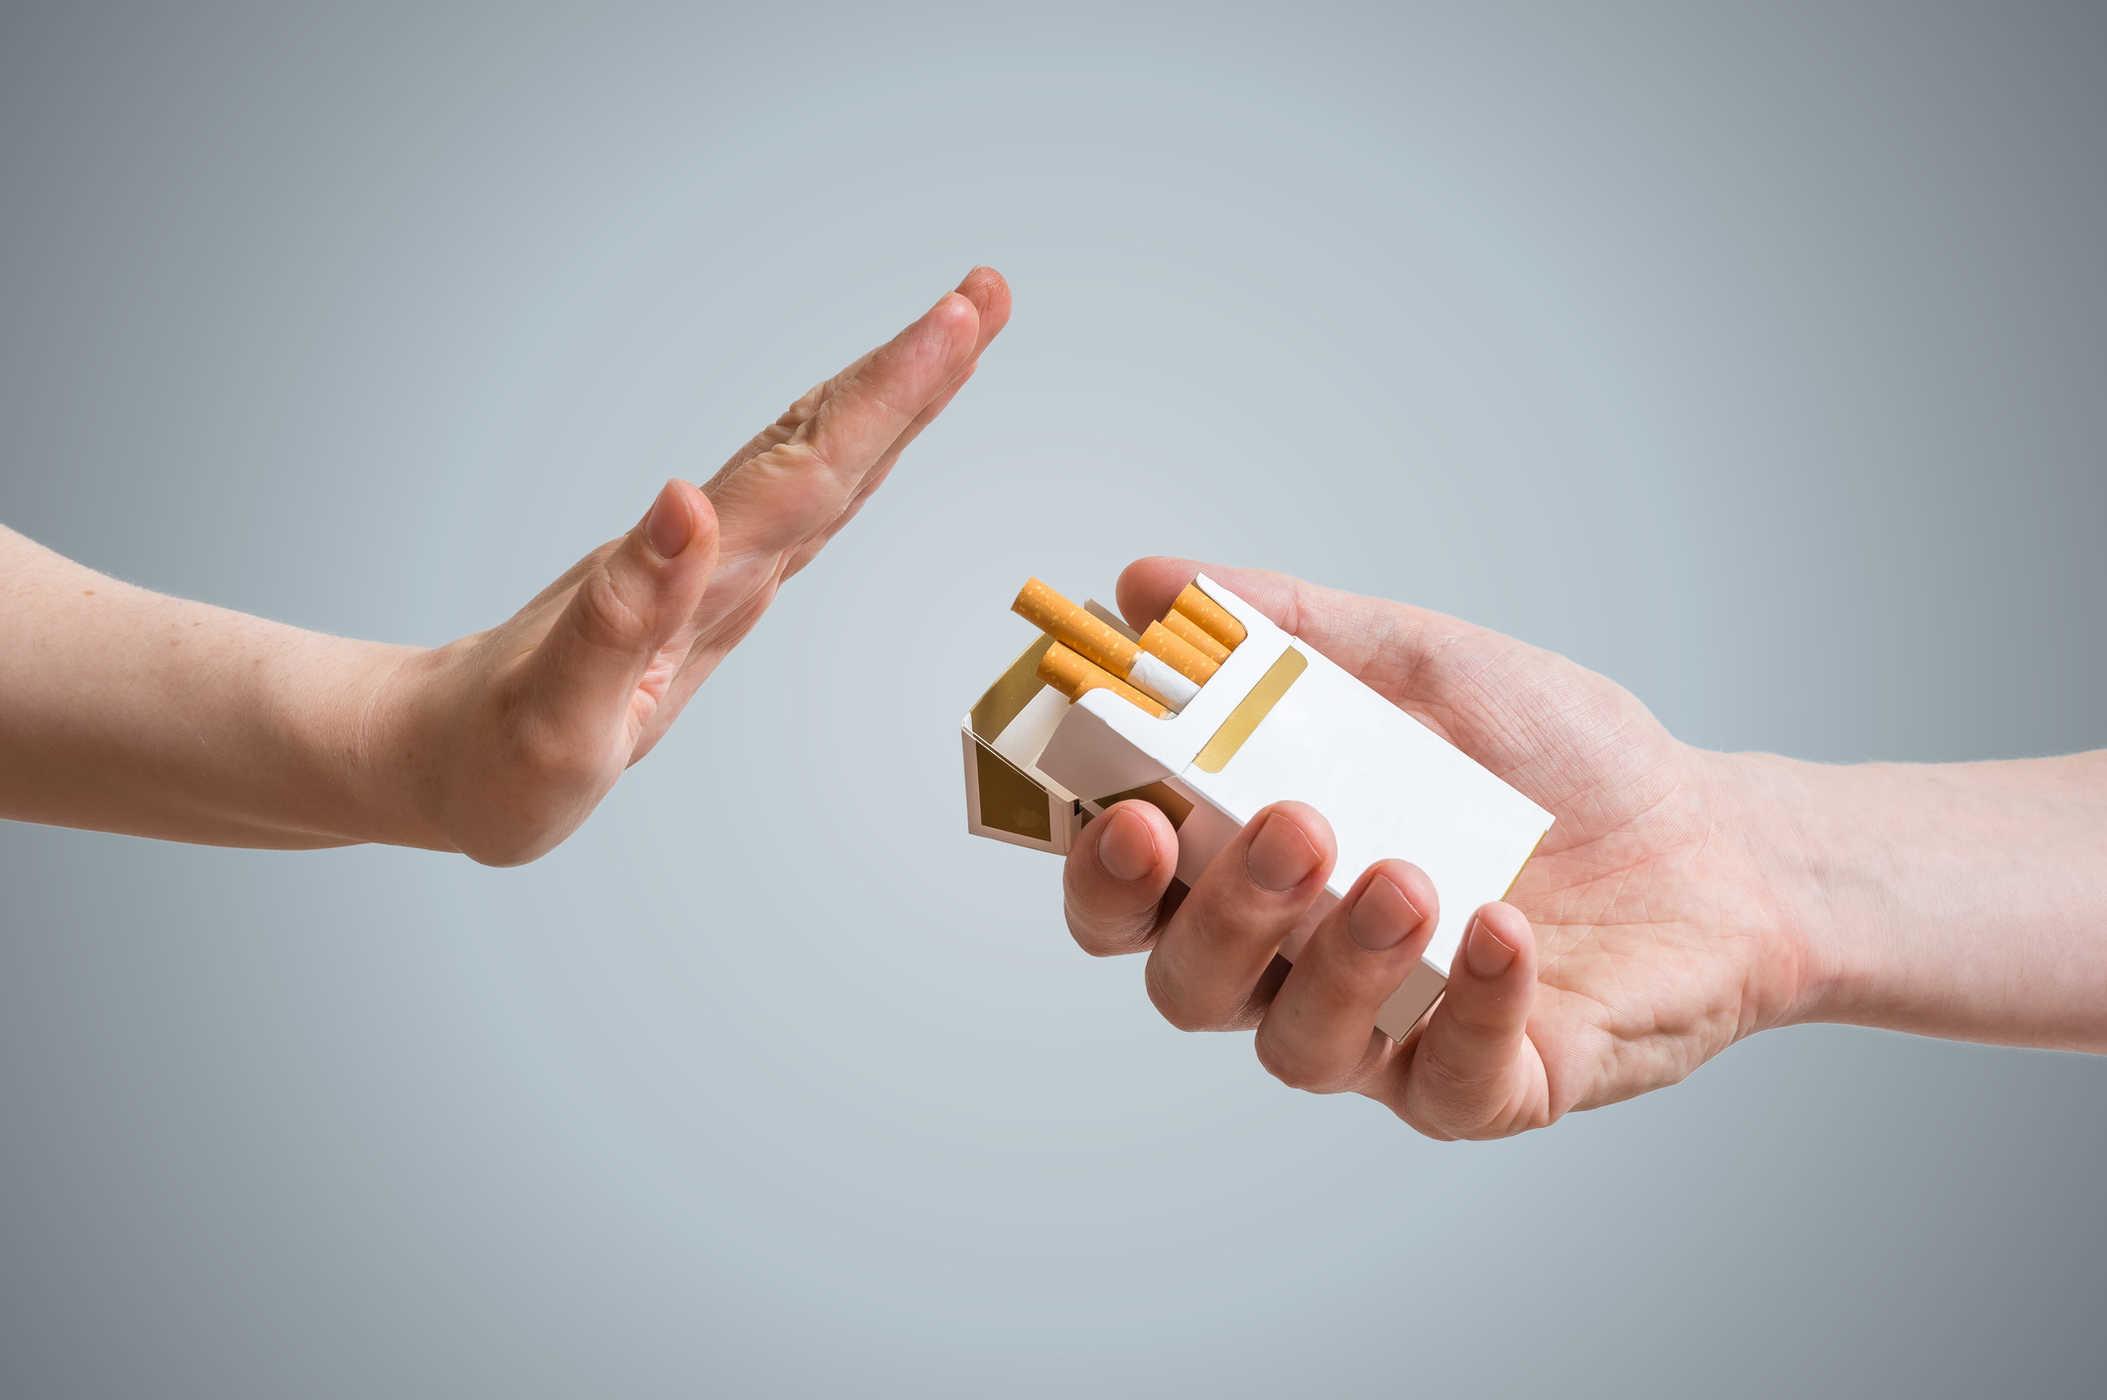 phòng tránh hen suyễn và viêm phế quản